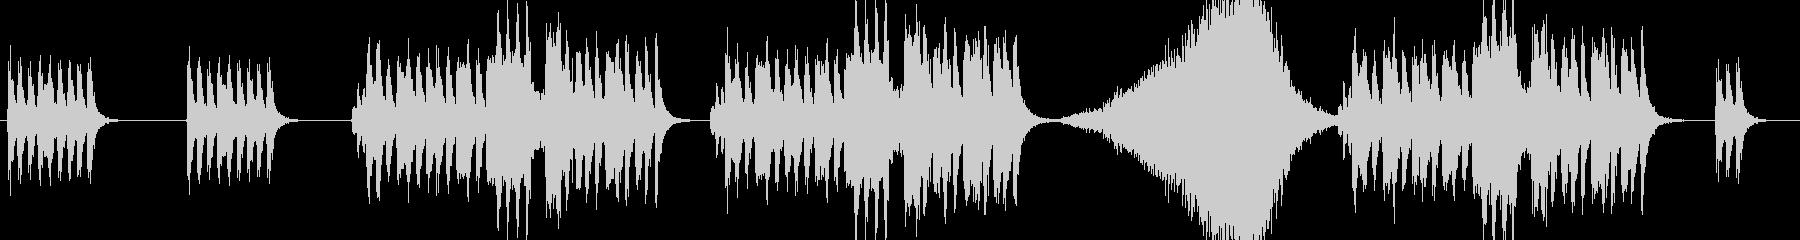 ブラックコメディ感のあるオーケストラの未再生の波形